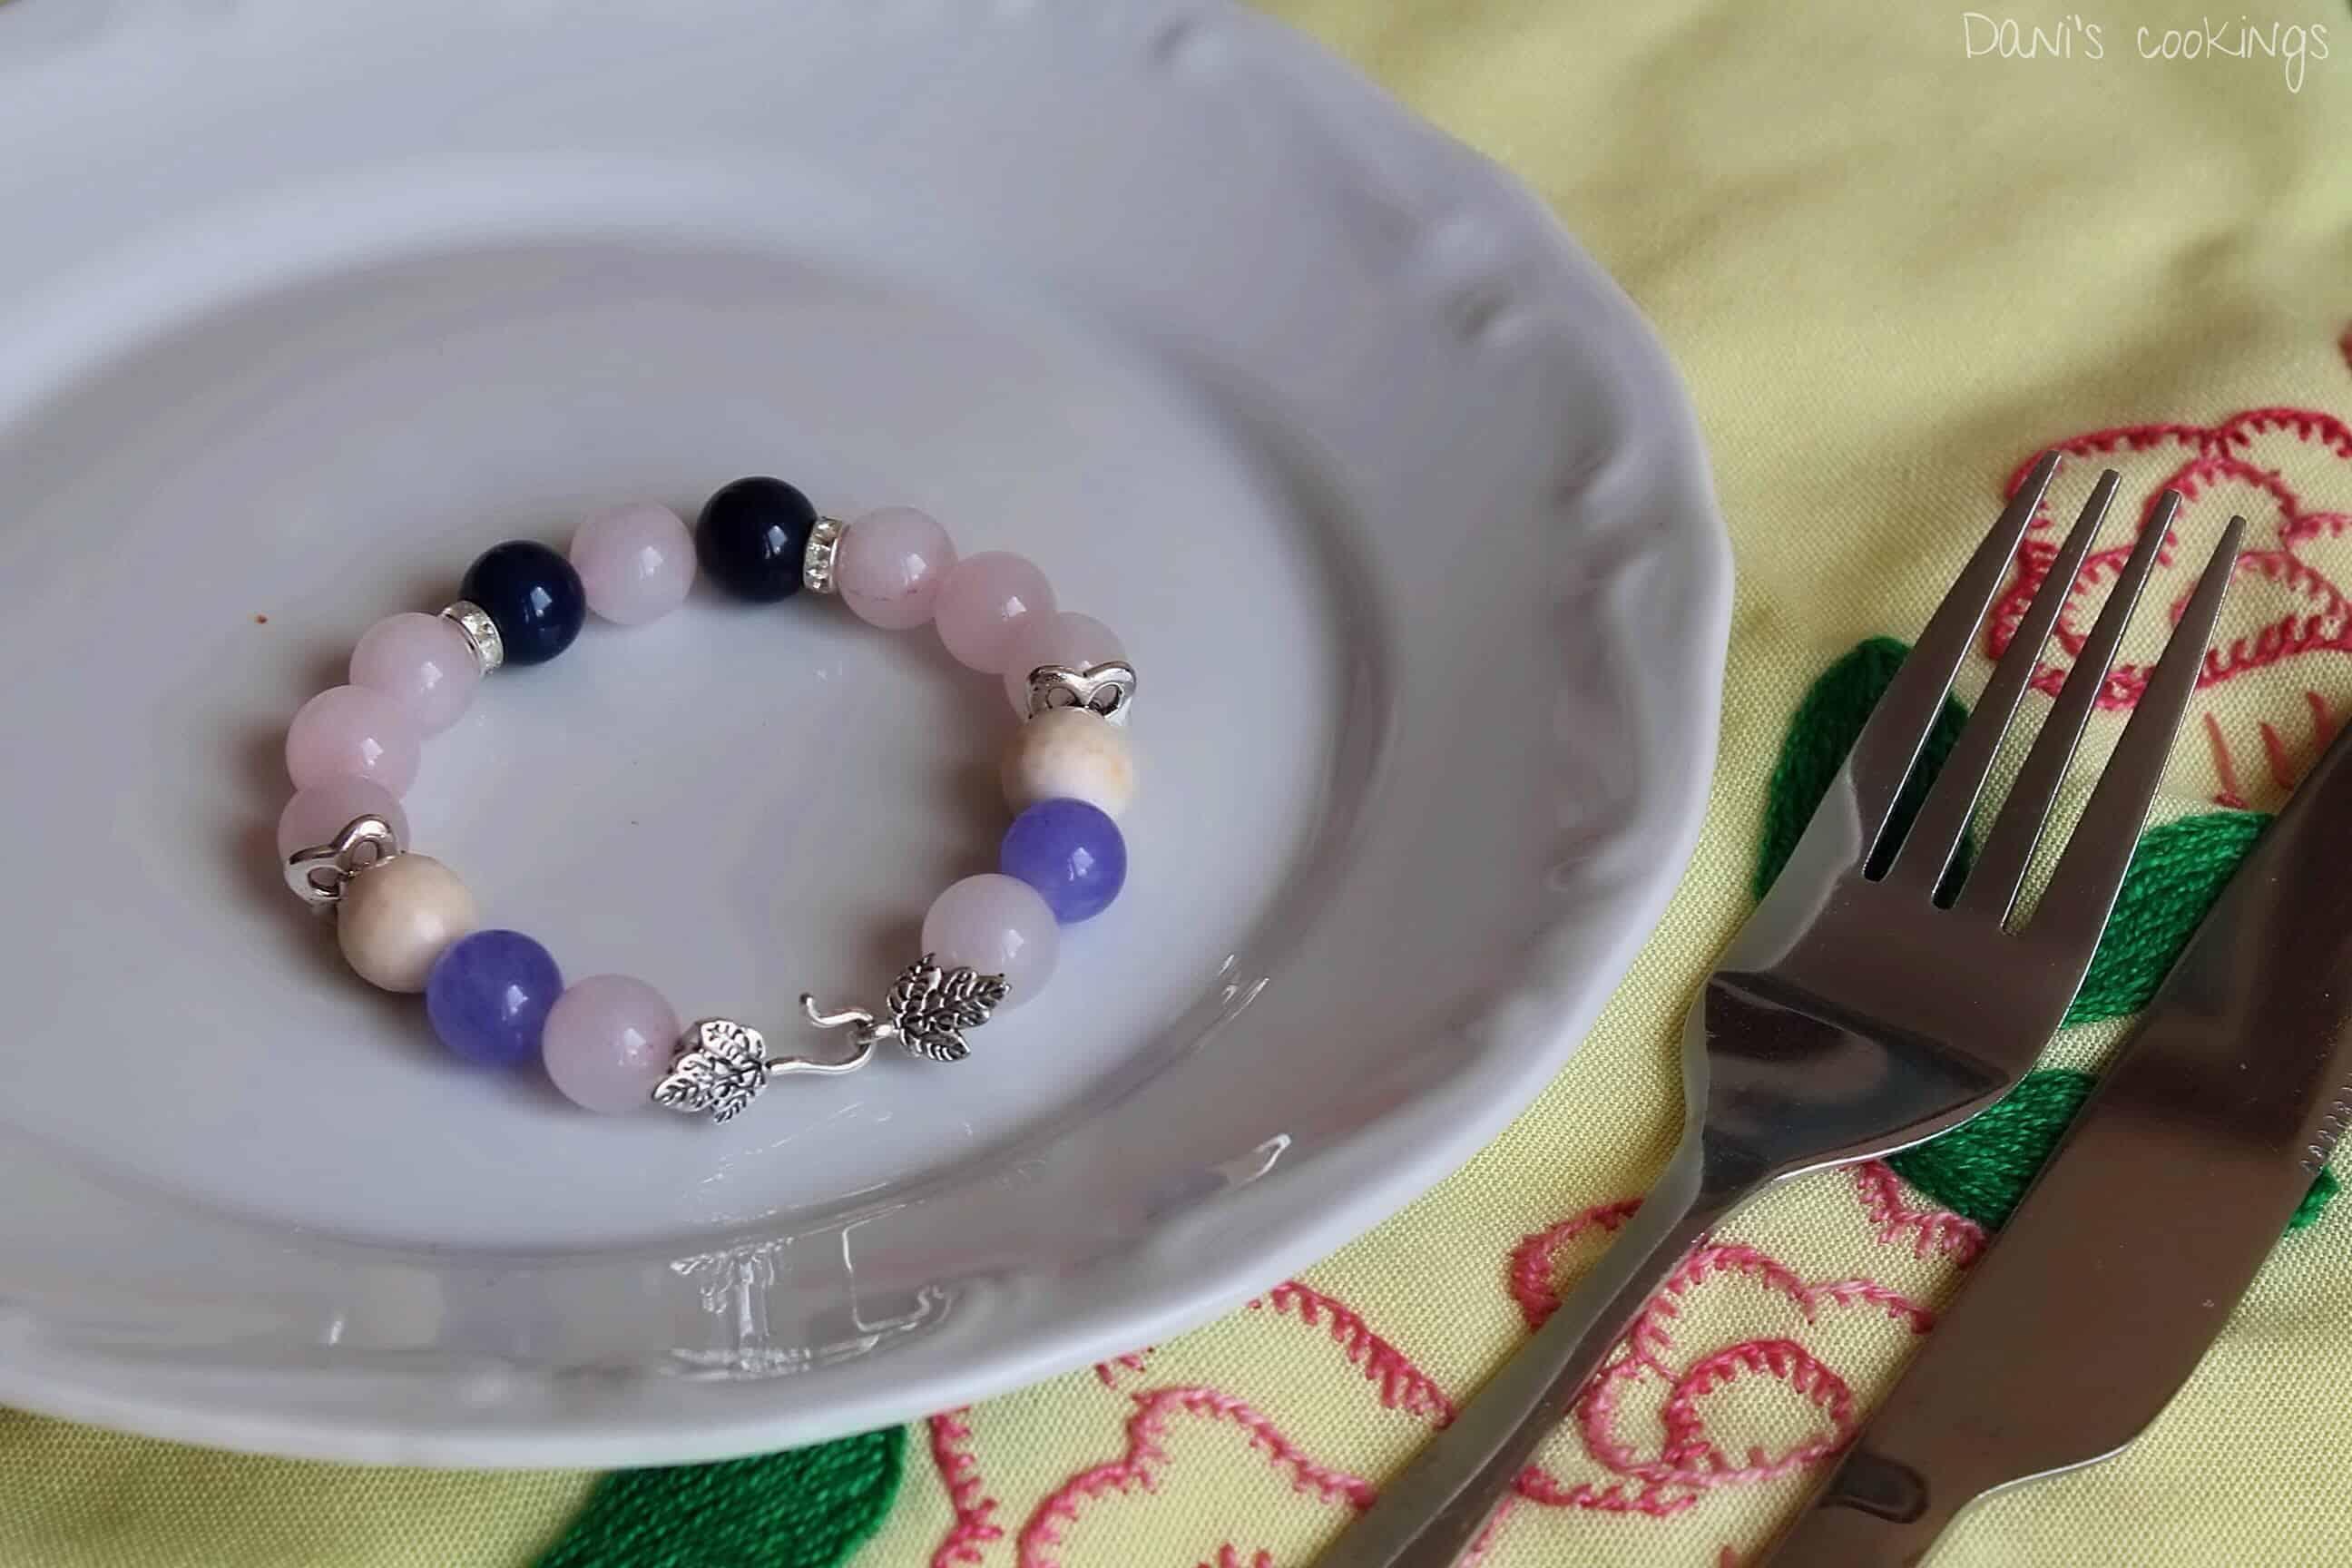 Gemstones handmade bracelet - daniscookings.wordpress.com